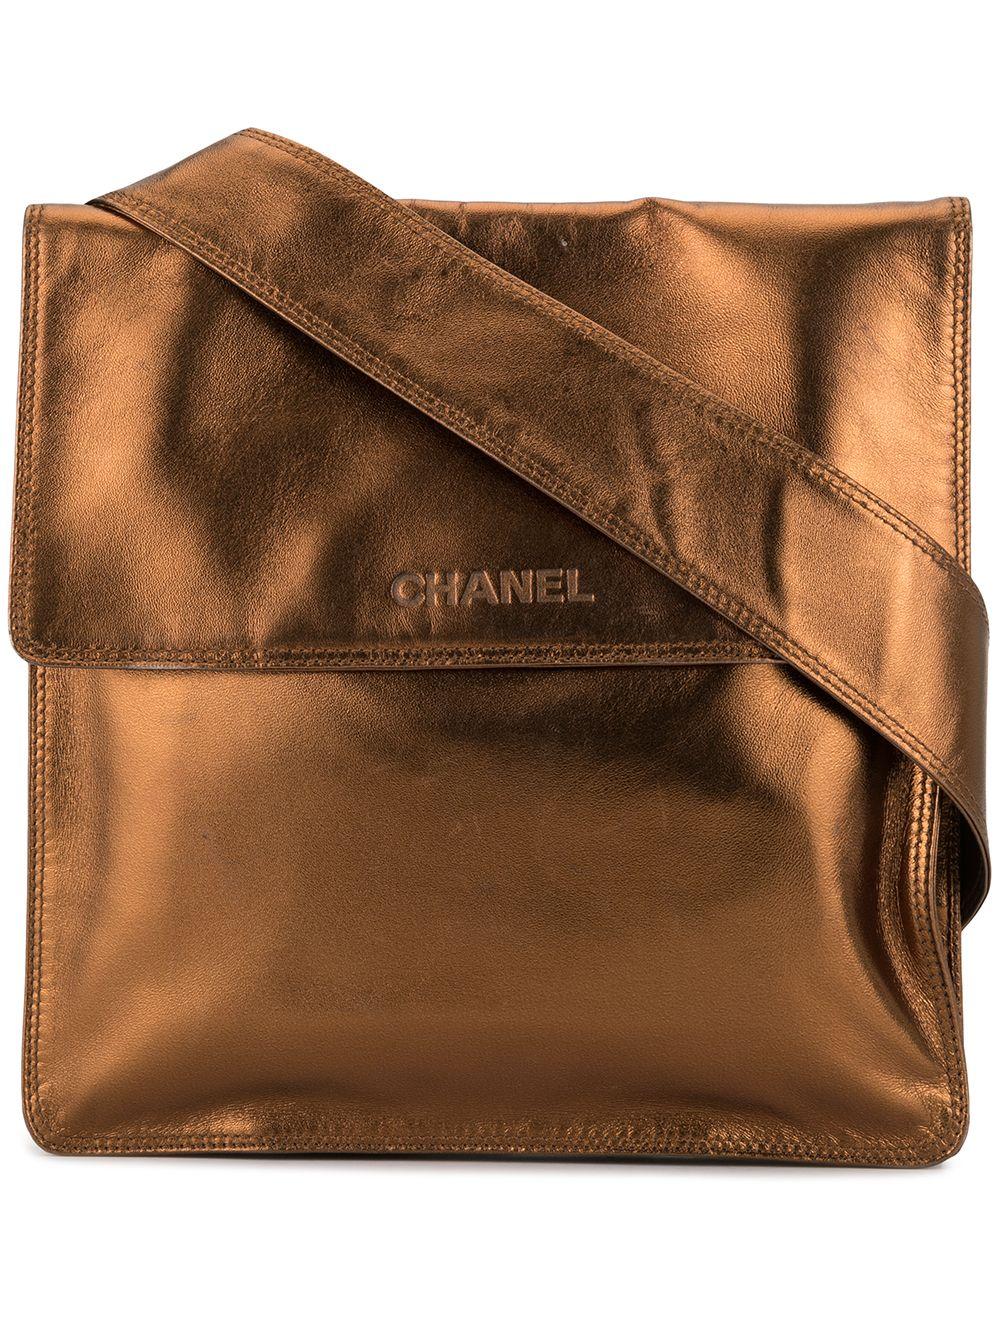 Chanel Pre-Owned Umhängetasche mit Prägung - Gold